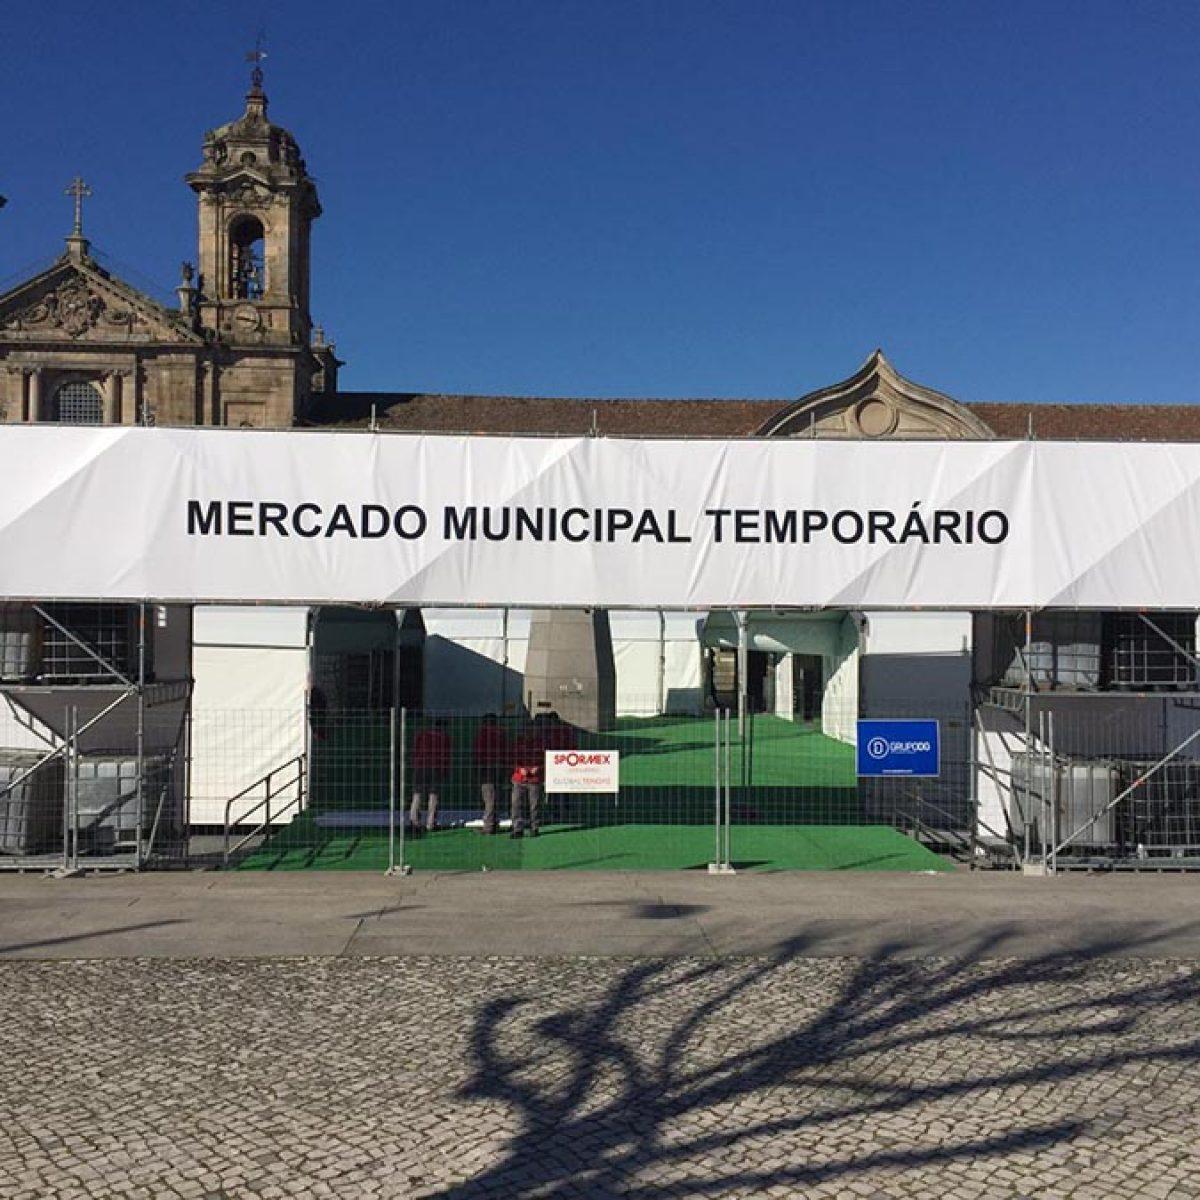 Temporary Market